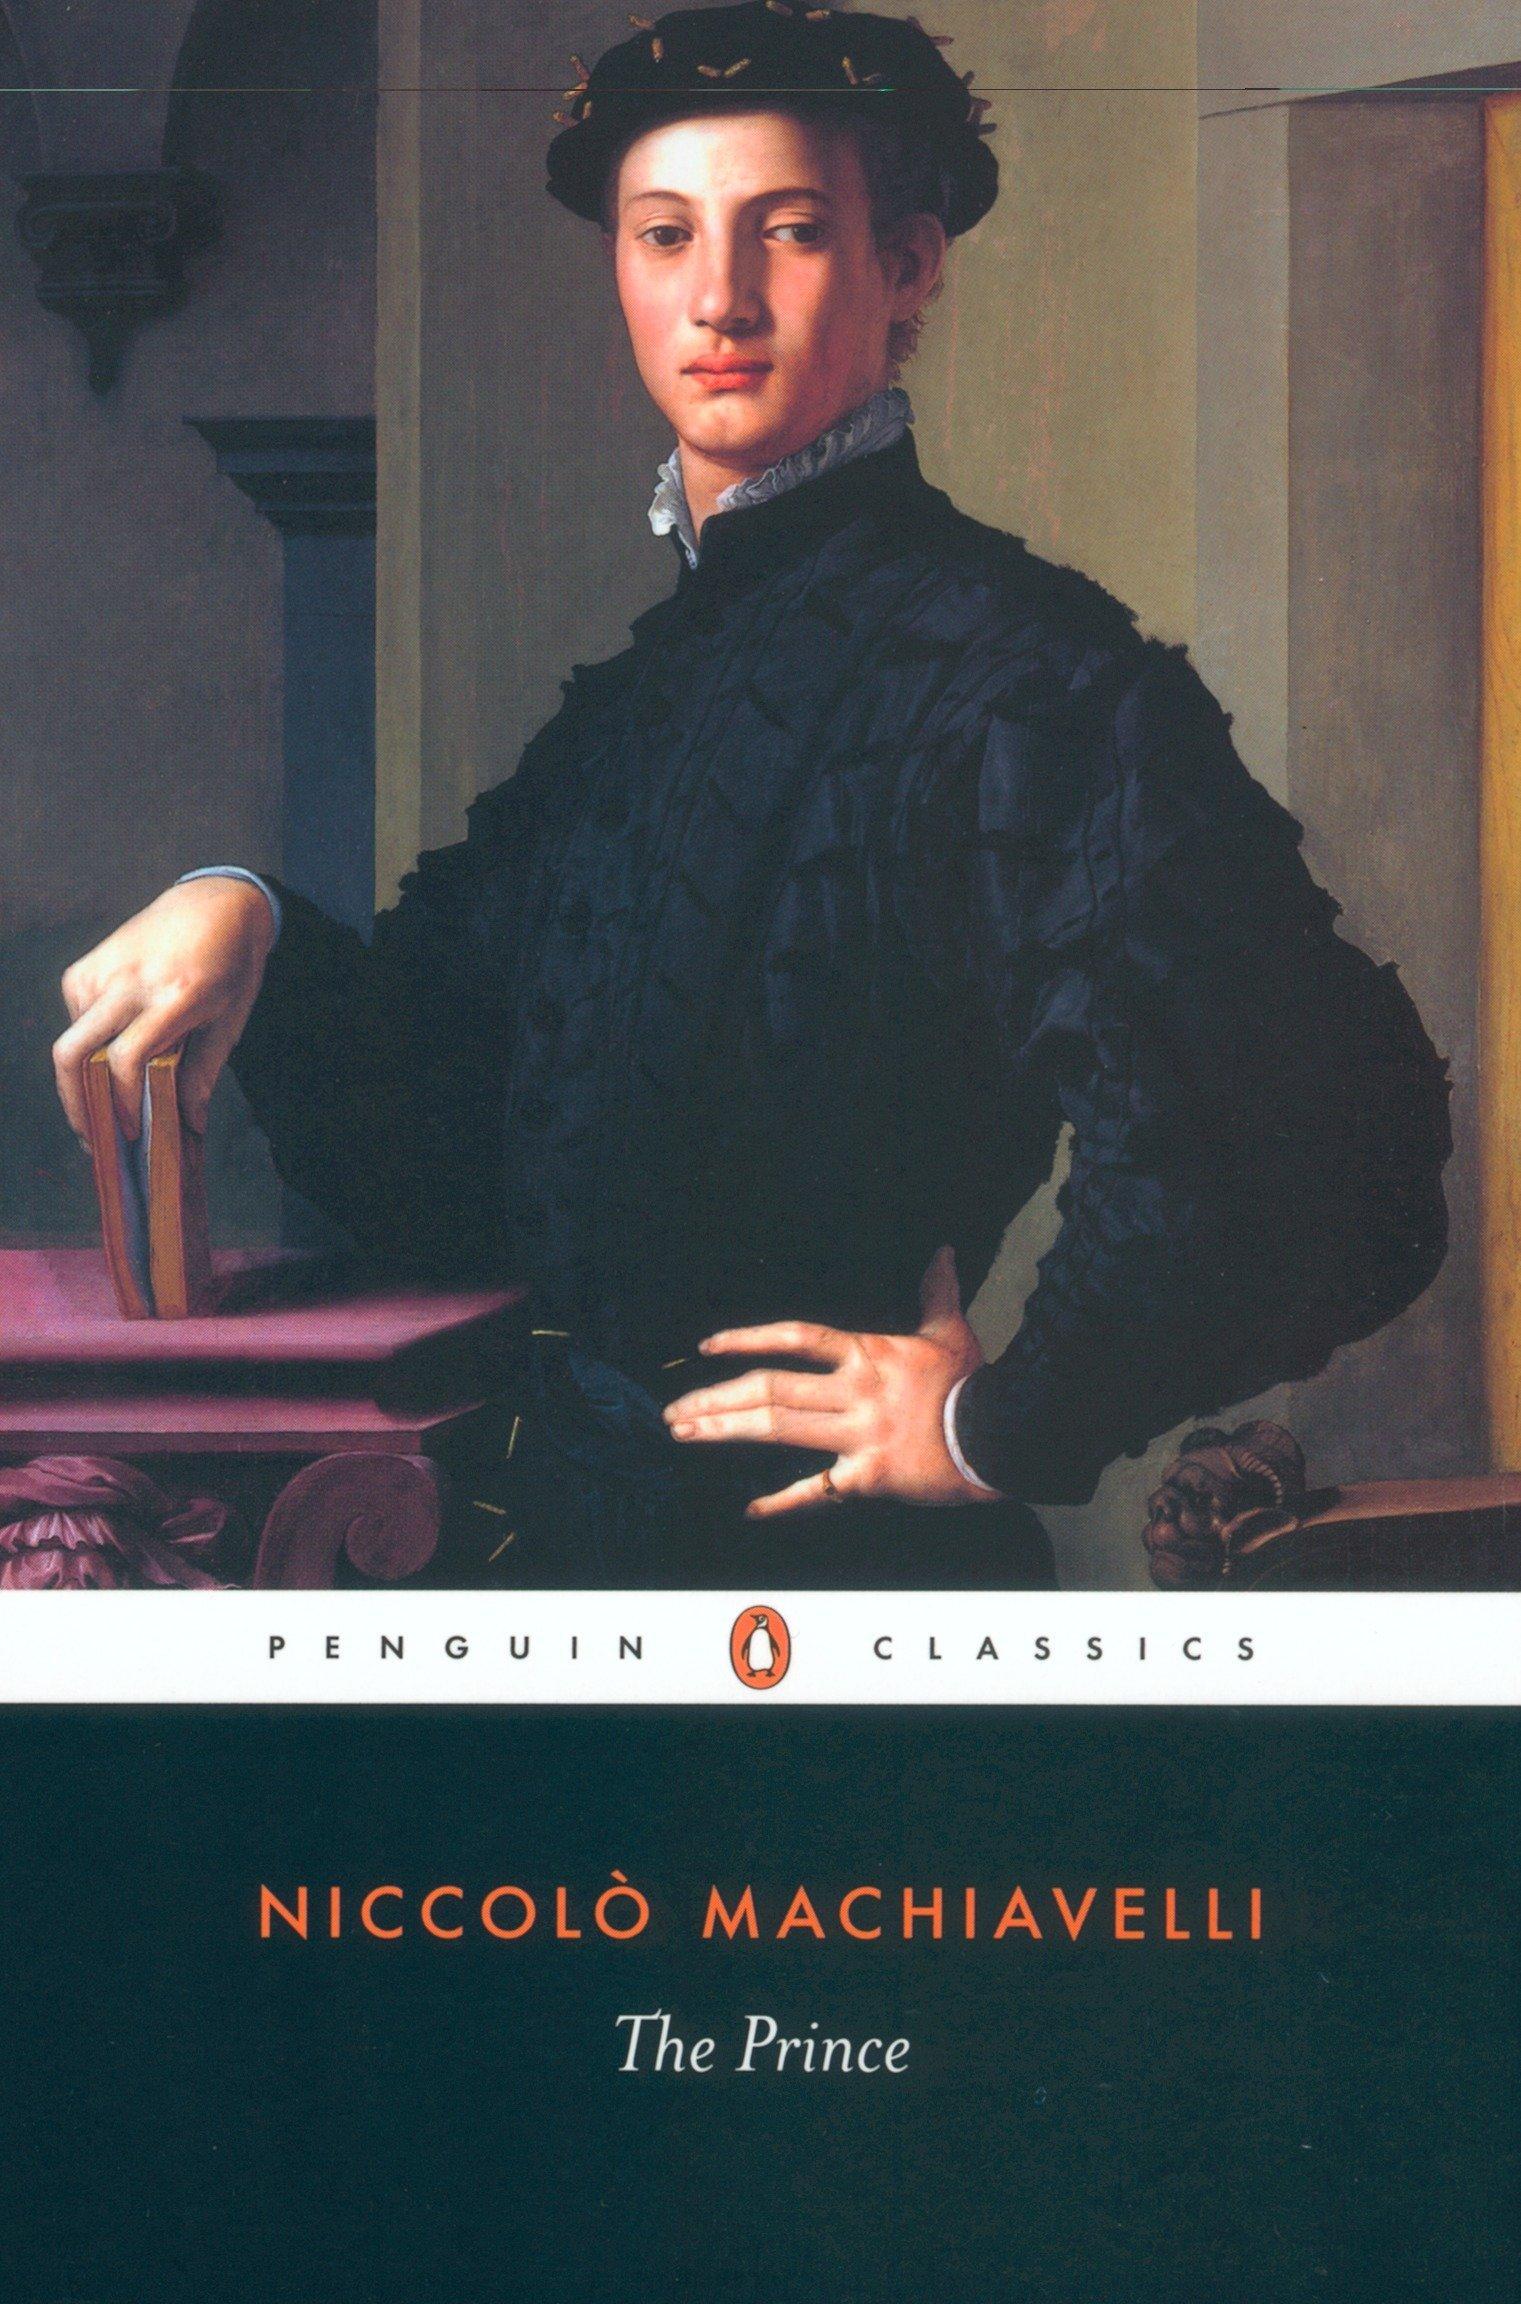 The Prince (Penguin Classics): Amazon.es: Niccolo Machiavelli, Anthony Grafton, George Bull: Libros en idiomas extranjeros